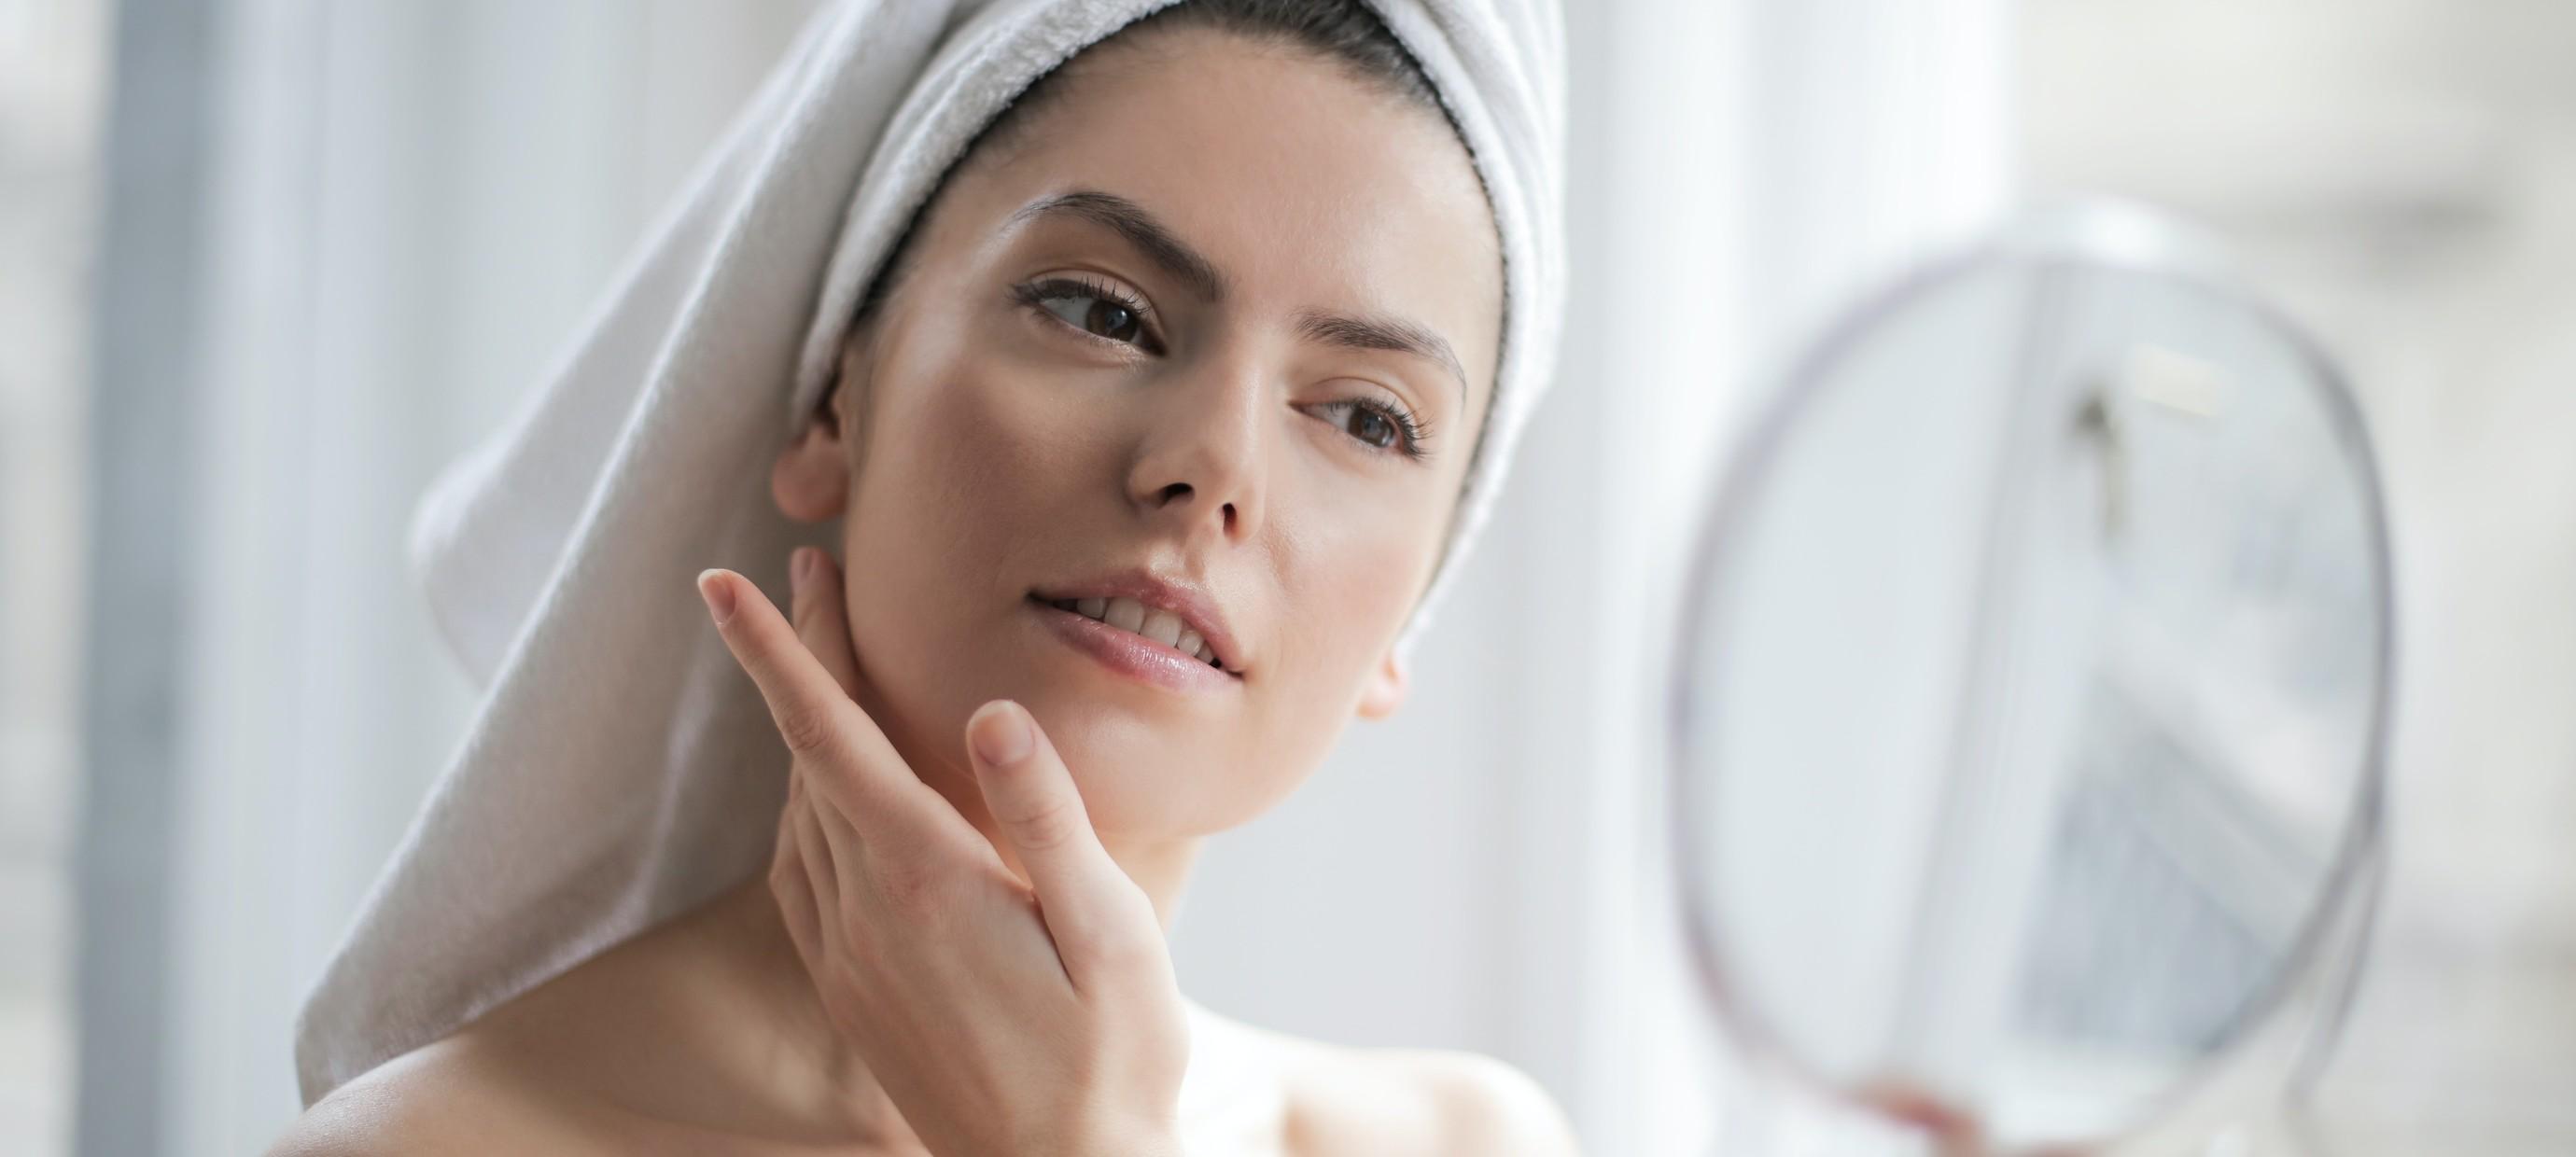 Hoe ga je een vette huid tegen?